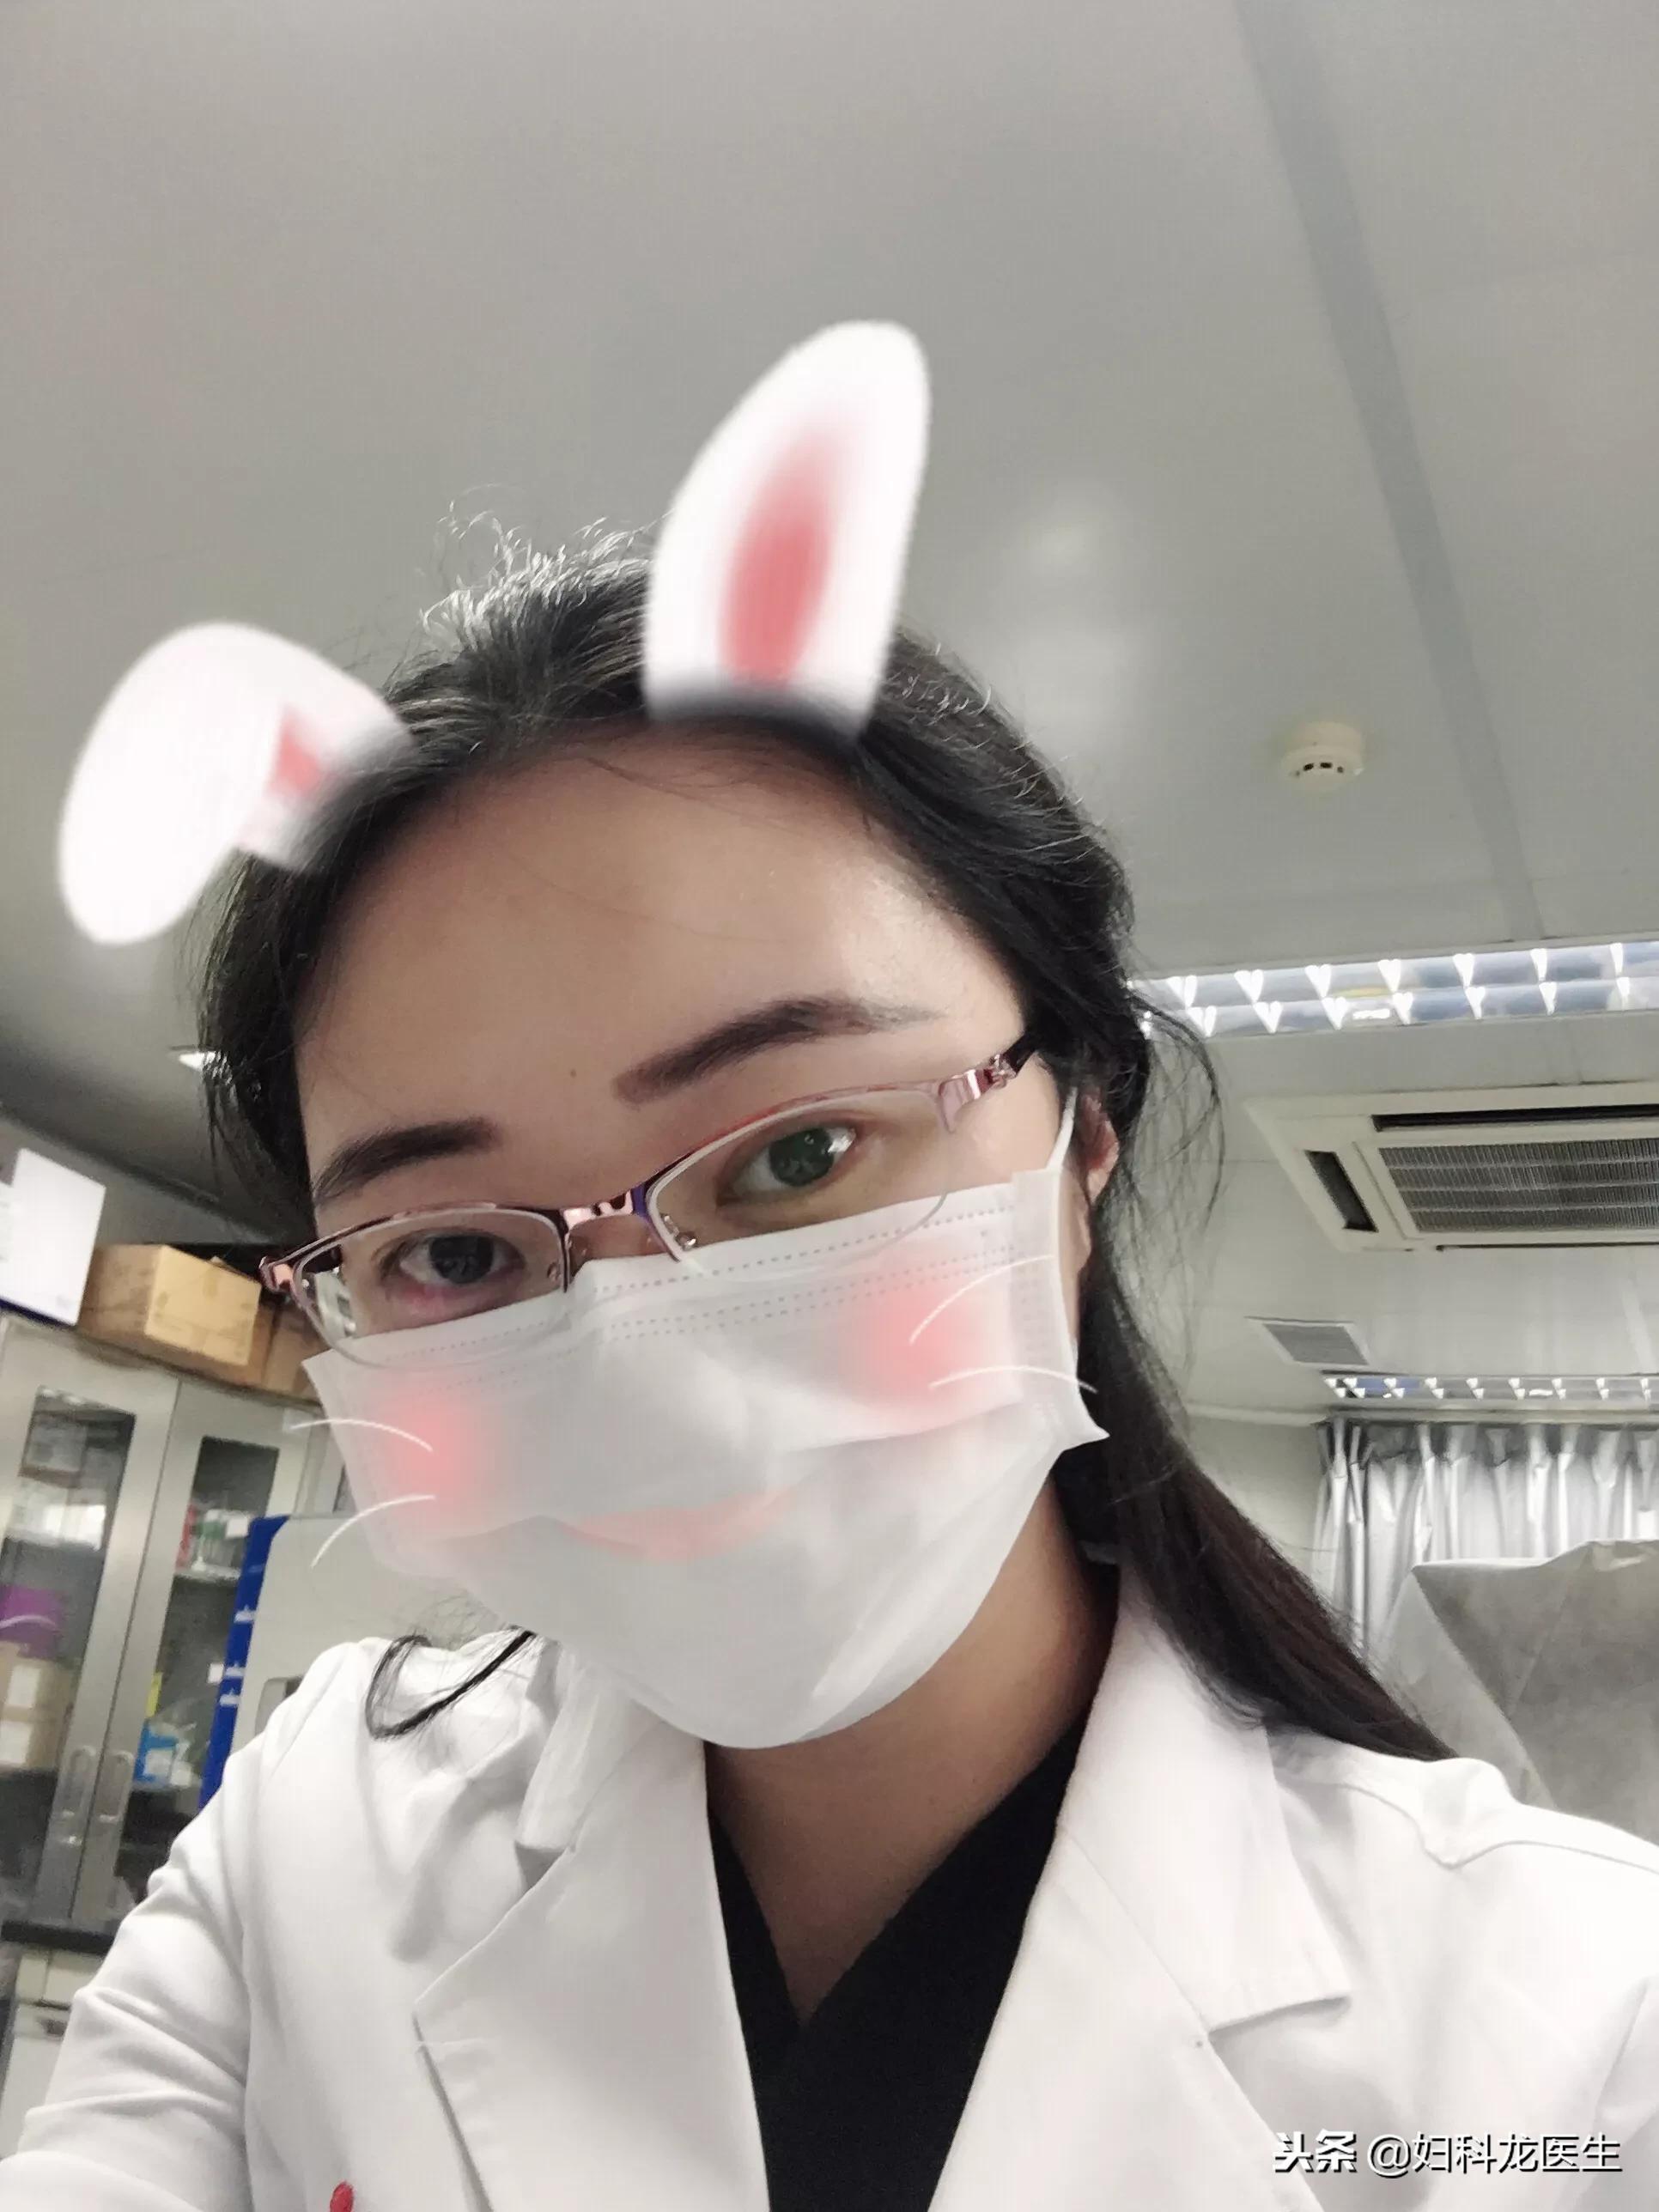 实验室强迫症患者晚期[笑哭][捂脸] - 第1张    网络大咖